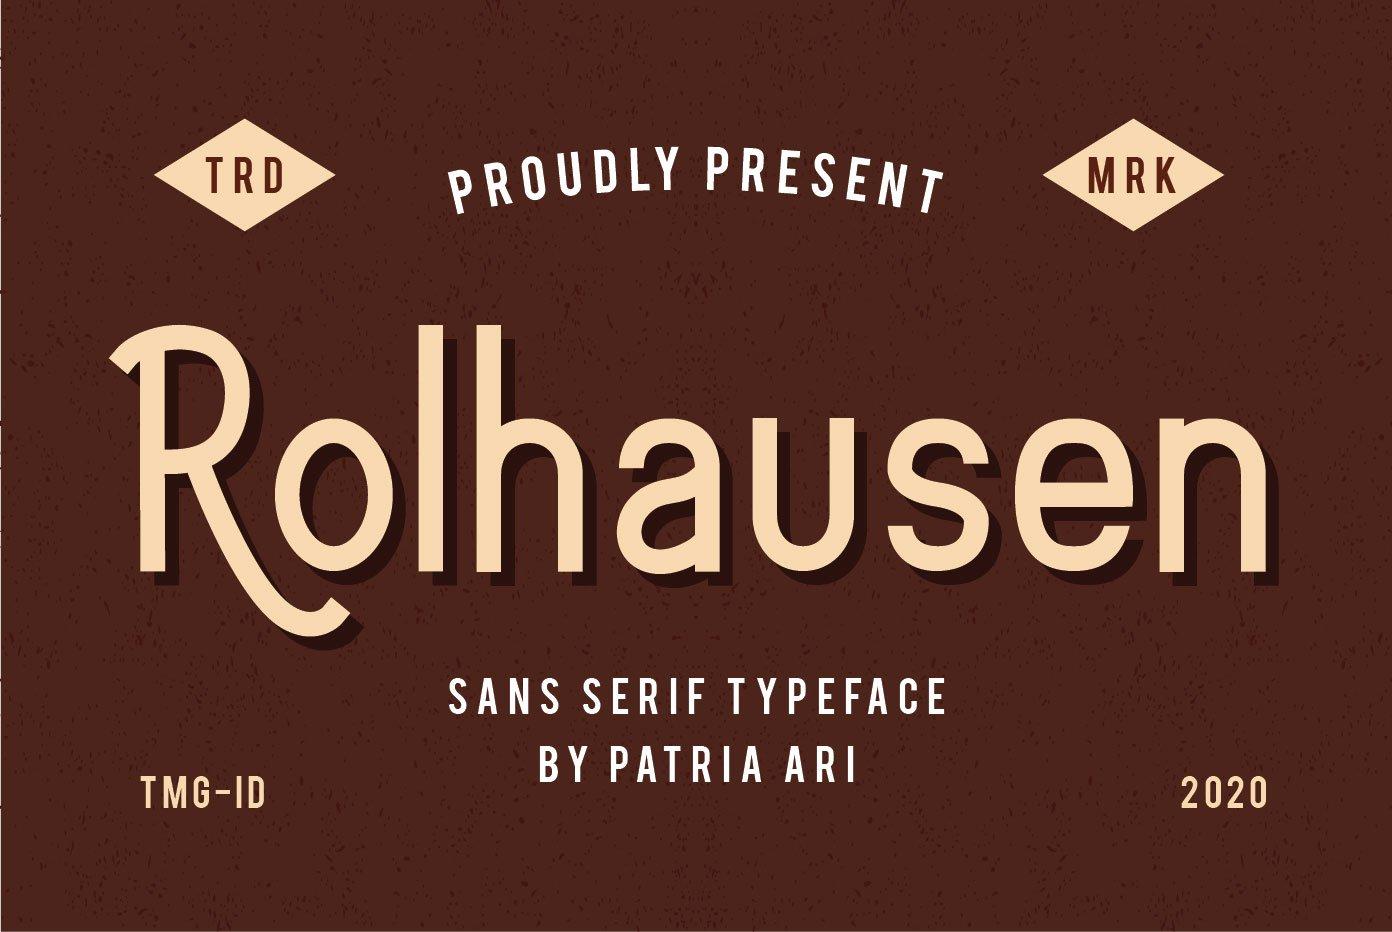 Rolhausen Sans Serif Typeface -1